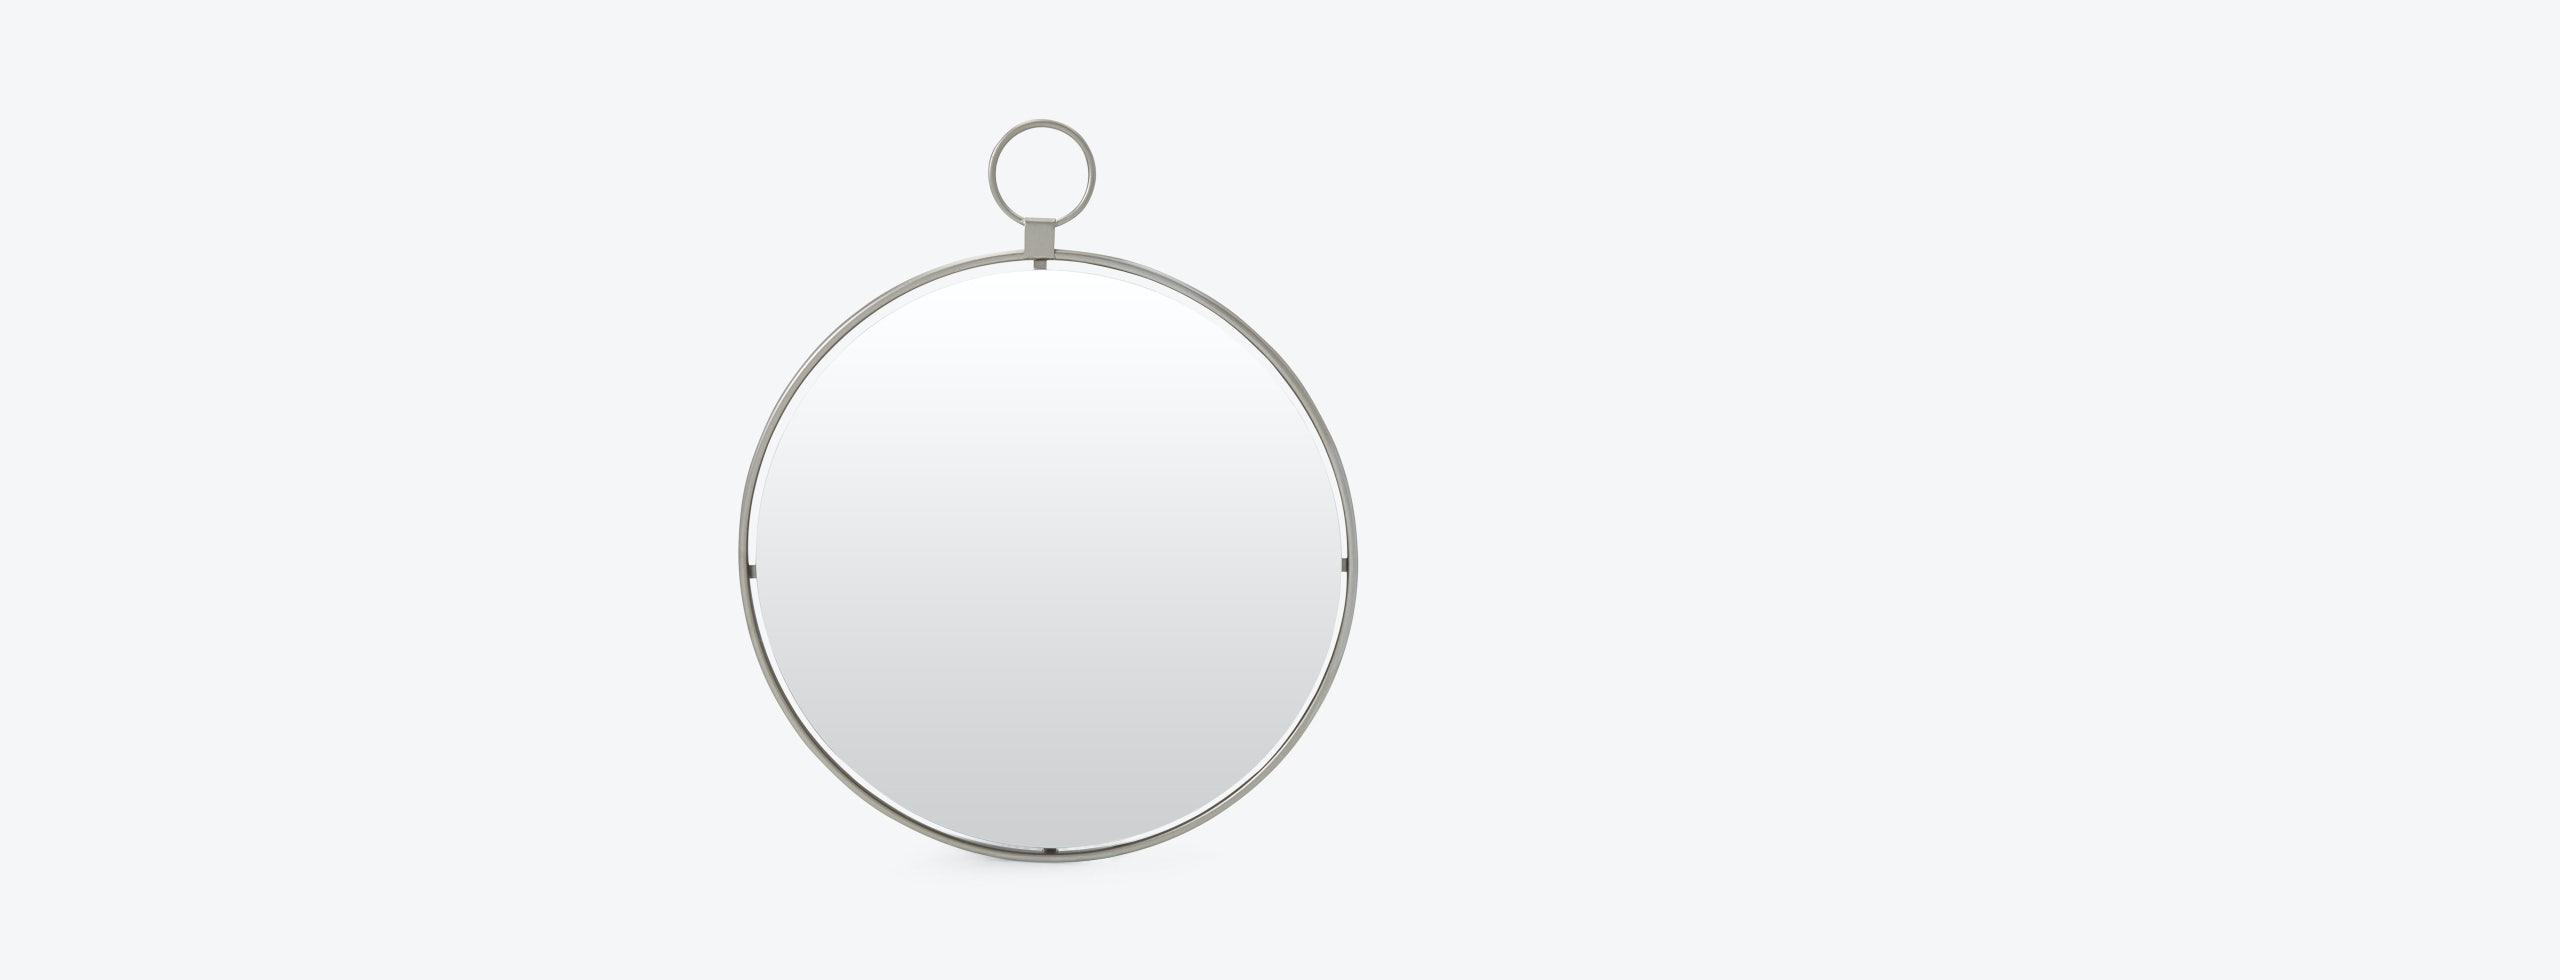 Yellen Mirror Grey